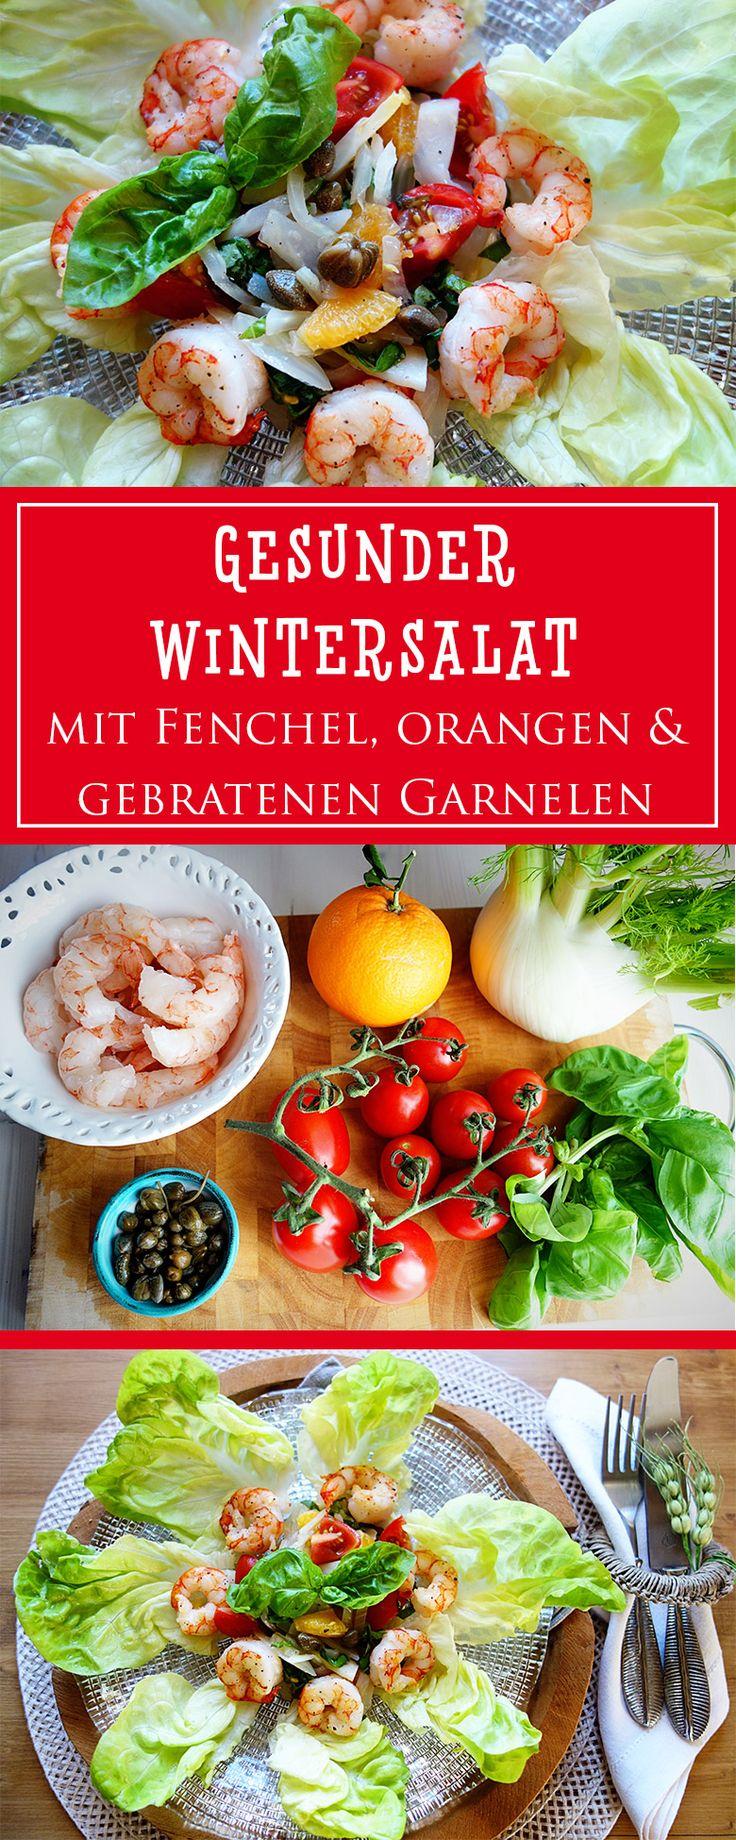 Wintersalat mit Orangen, Fenchel und gebratenen Garnelen - ein einfaches, gesundes Rezept aus bella Italia, das beeindruckend und unglaublich lecker ist! | cucina-con-amore.de